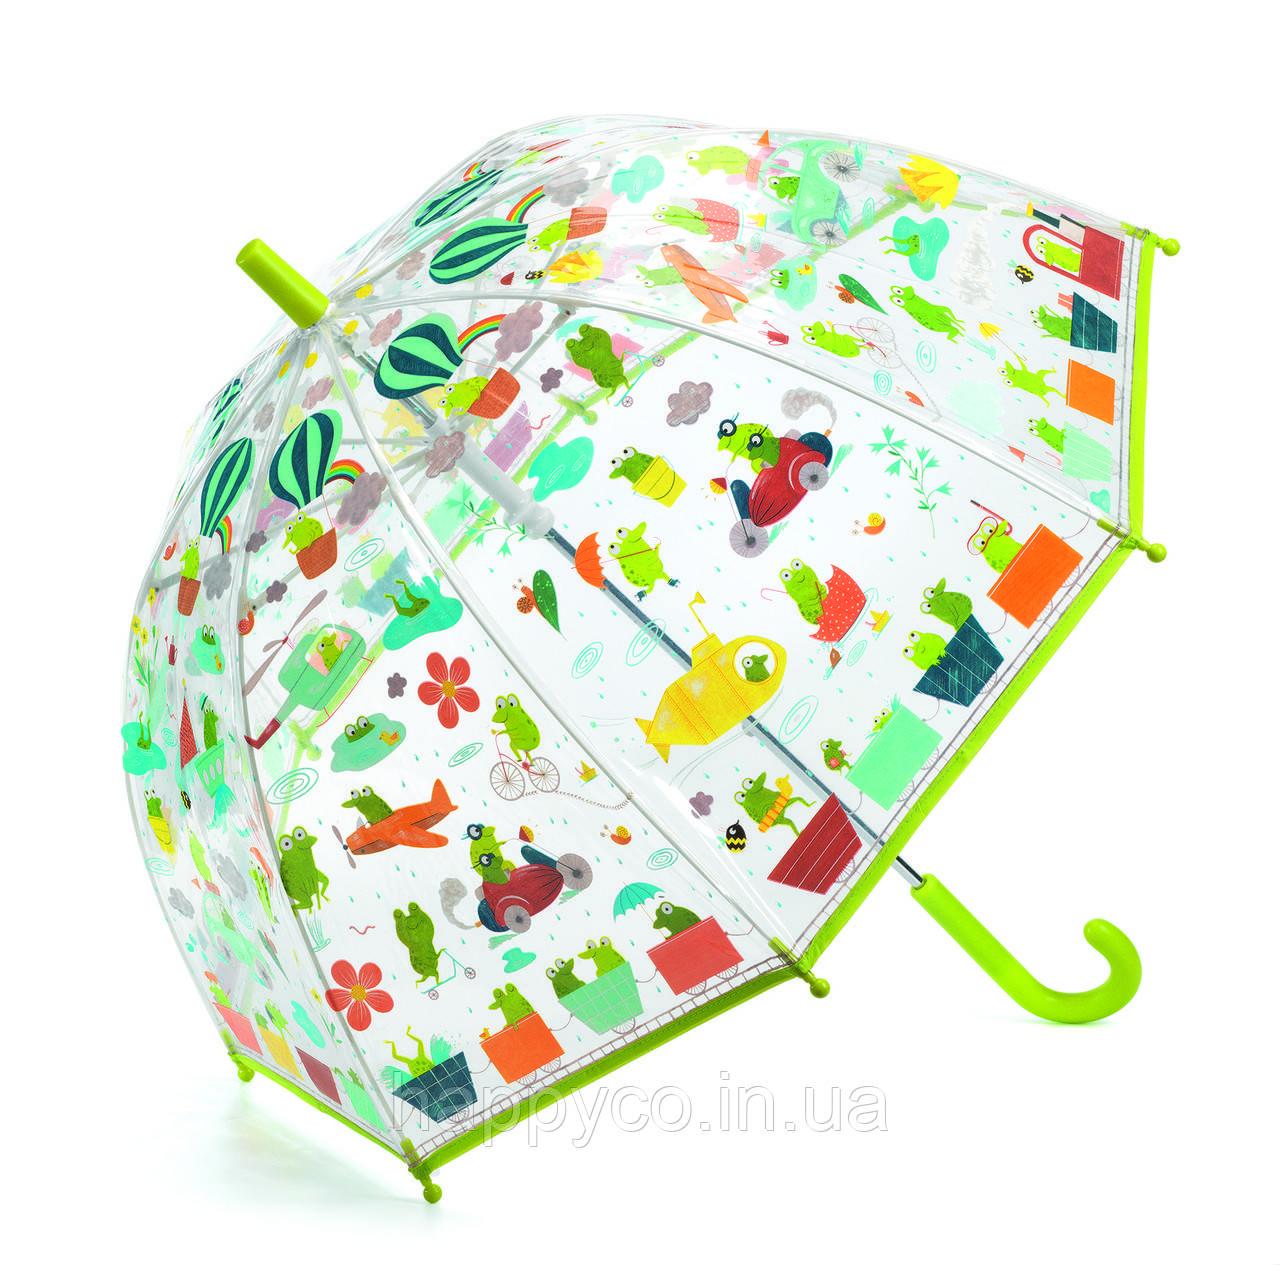 Зонтик детская лягушки зеленый (красный, салатовый, темно-красный) (DD04808)